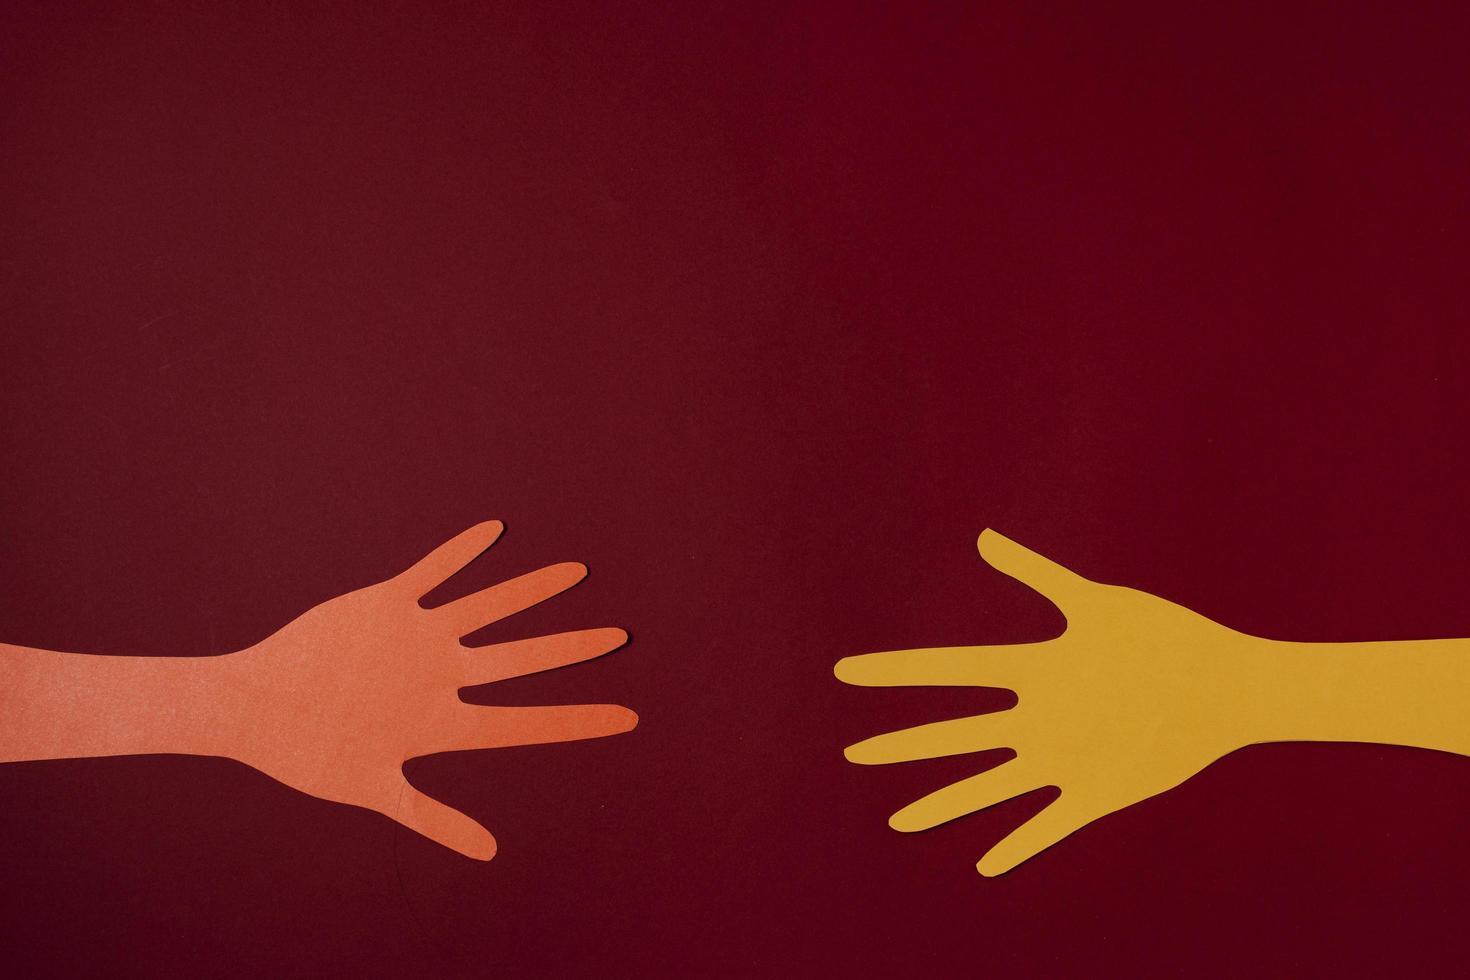 Covid-Konzept mit Händen und rotem Hintergrund foto